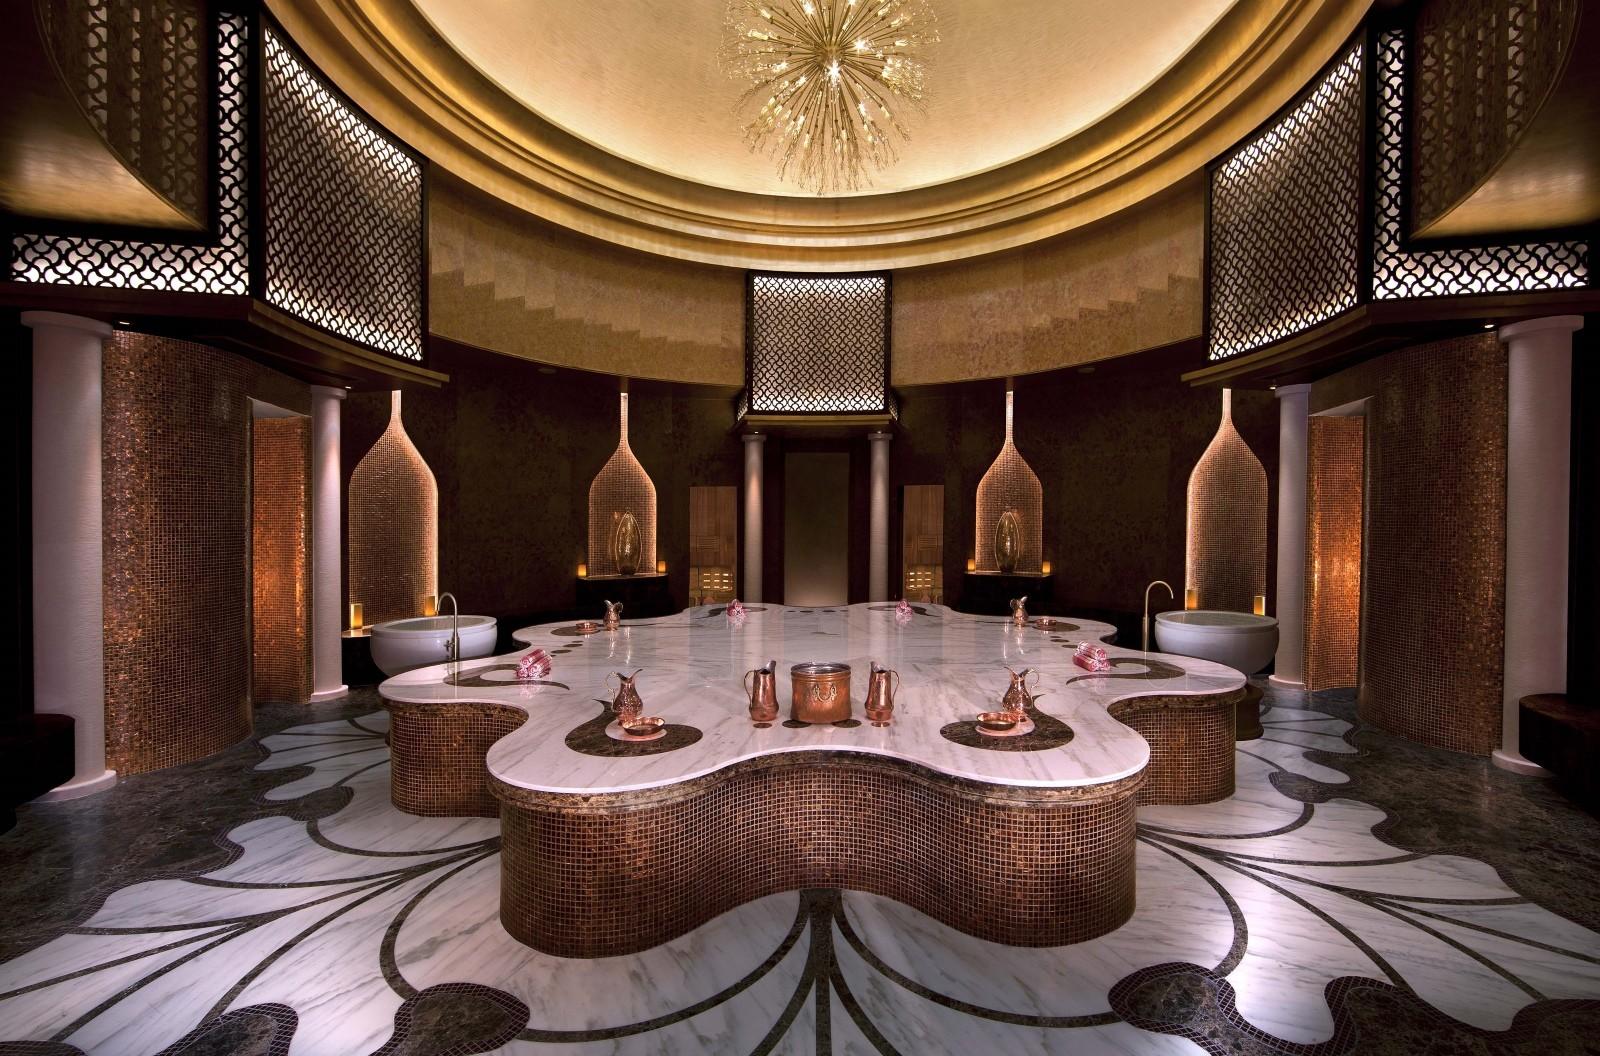 Ванная комната, хамам, баня